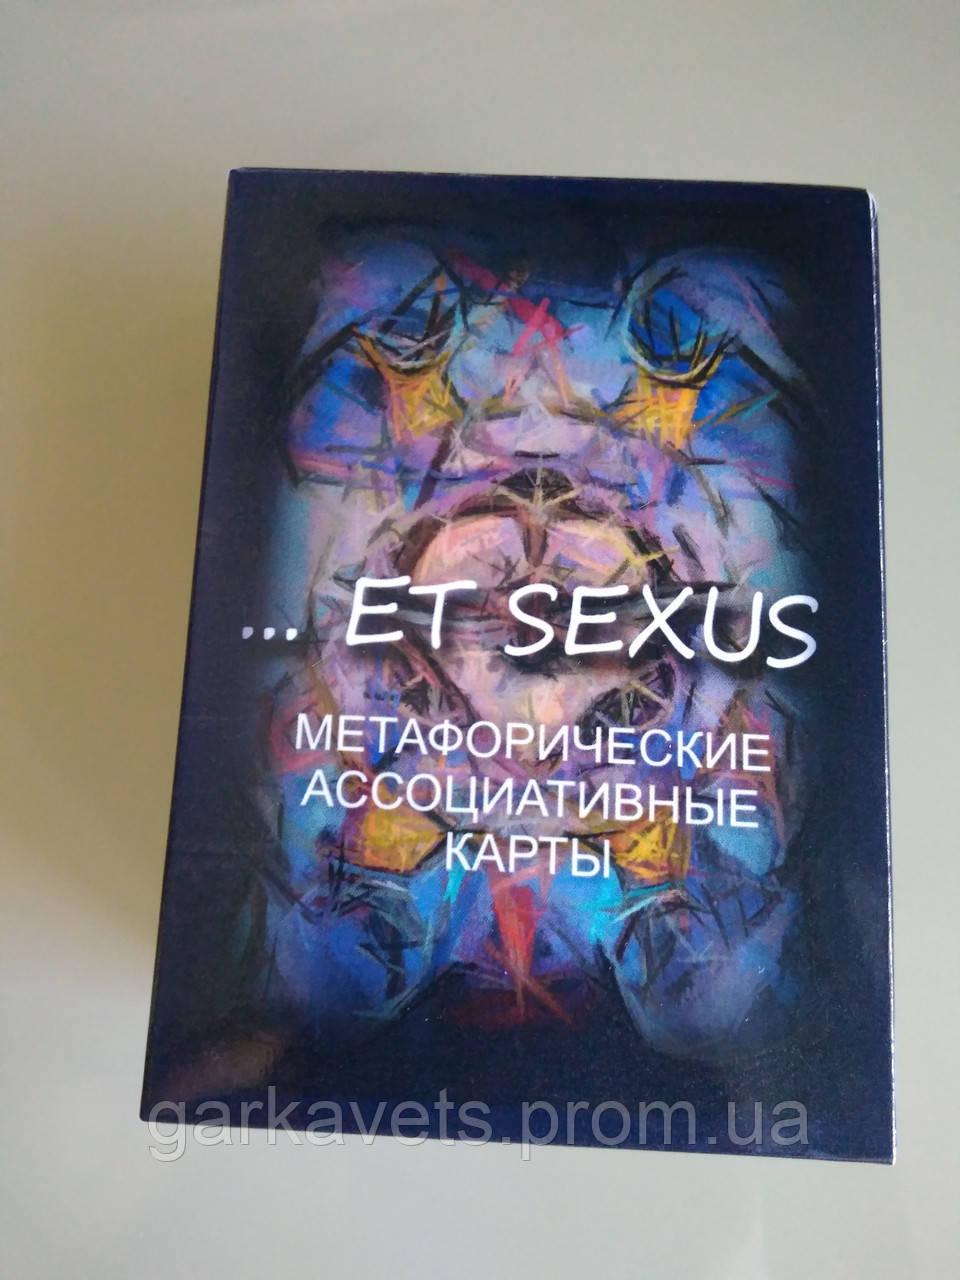 Метафорические карты «...et sexus»